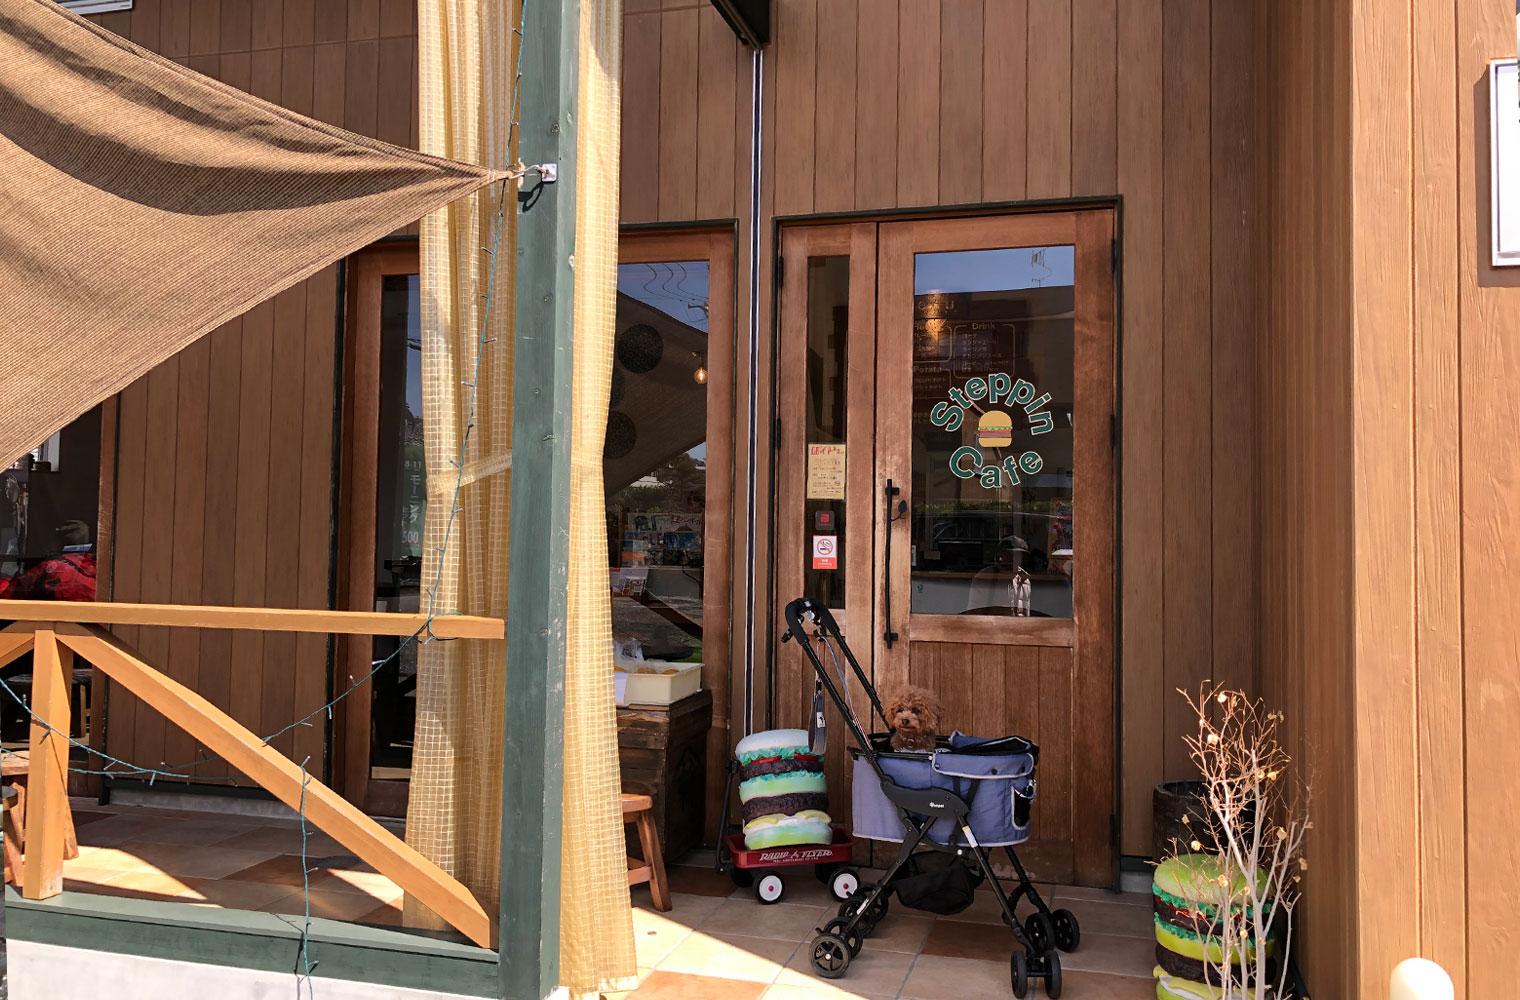 ステッピンカフェ (Steppin Cafe)-静岡市葵区千代田(わんちゃんテラスOK)